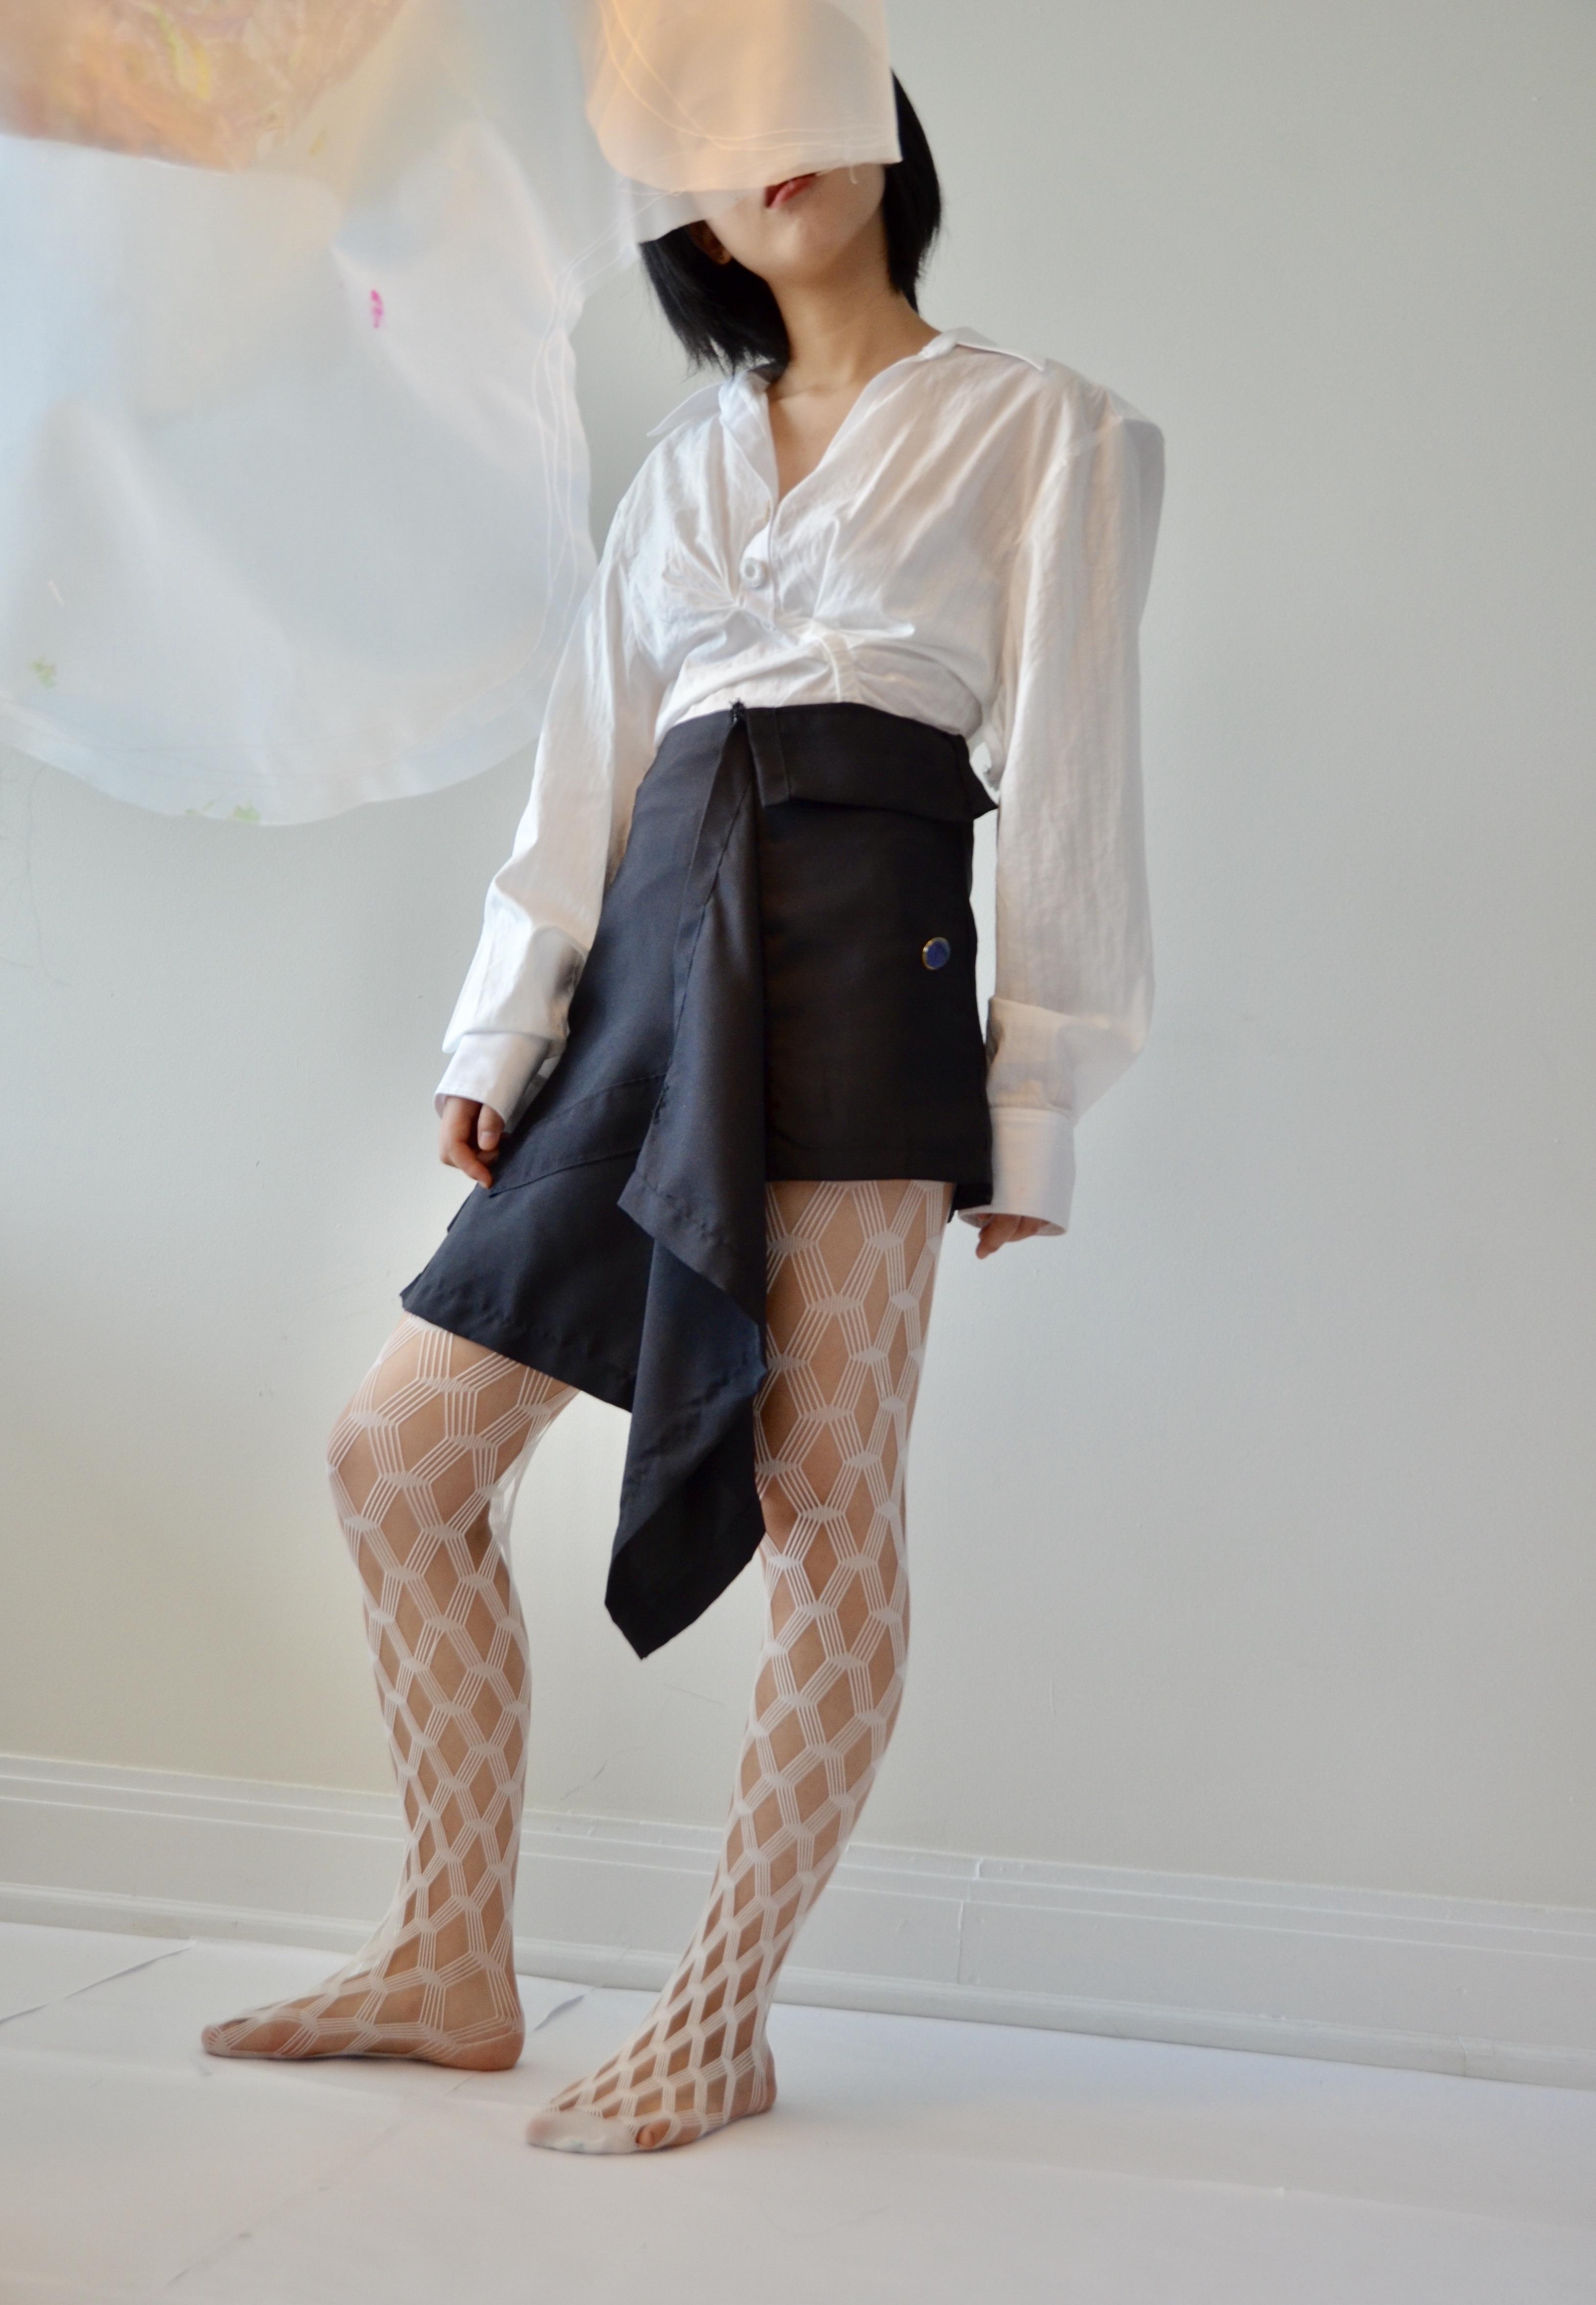 Soft Structure: Zero-waste garment